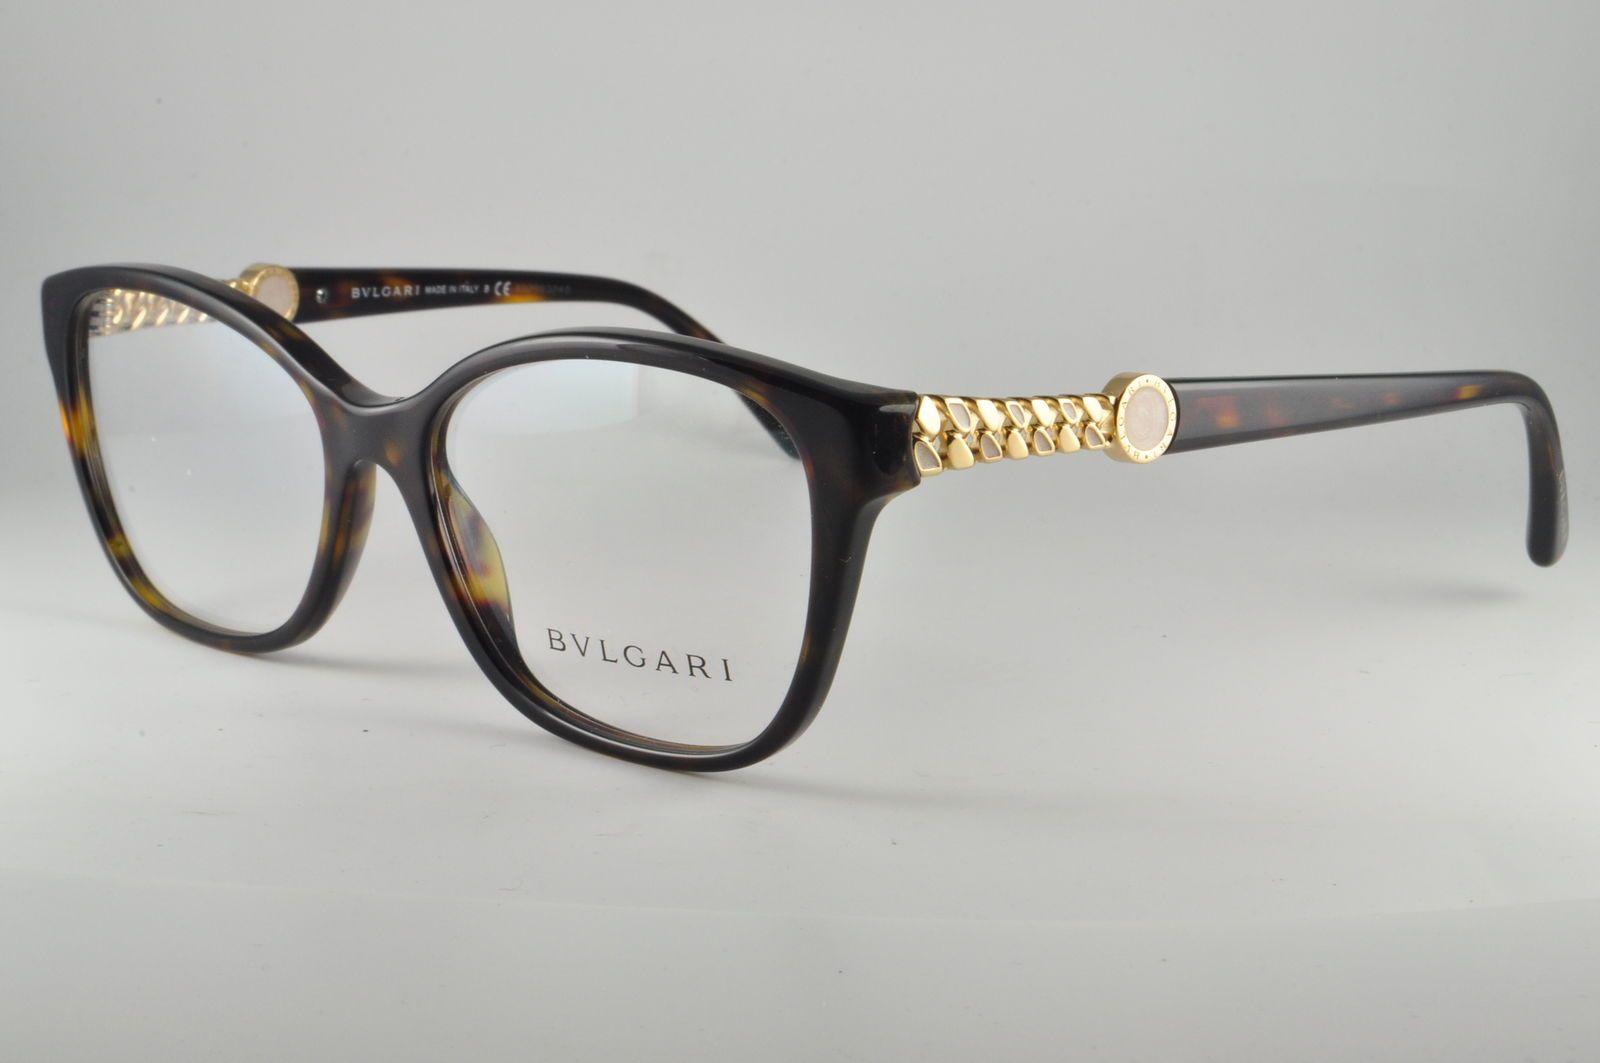 69841eb0668 Bvlgari Eyeglasses BV 4109 504 Dark Tortoise